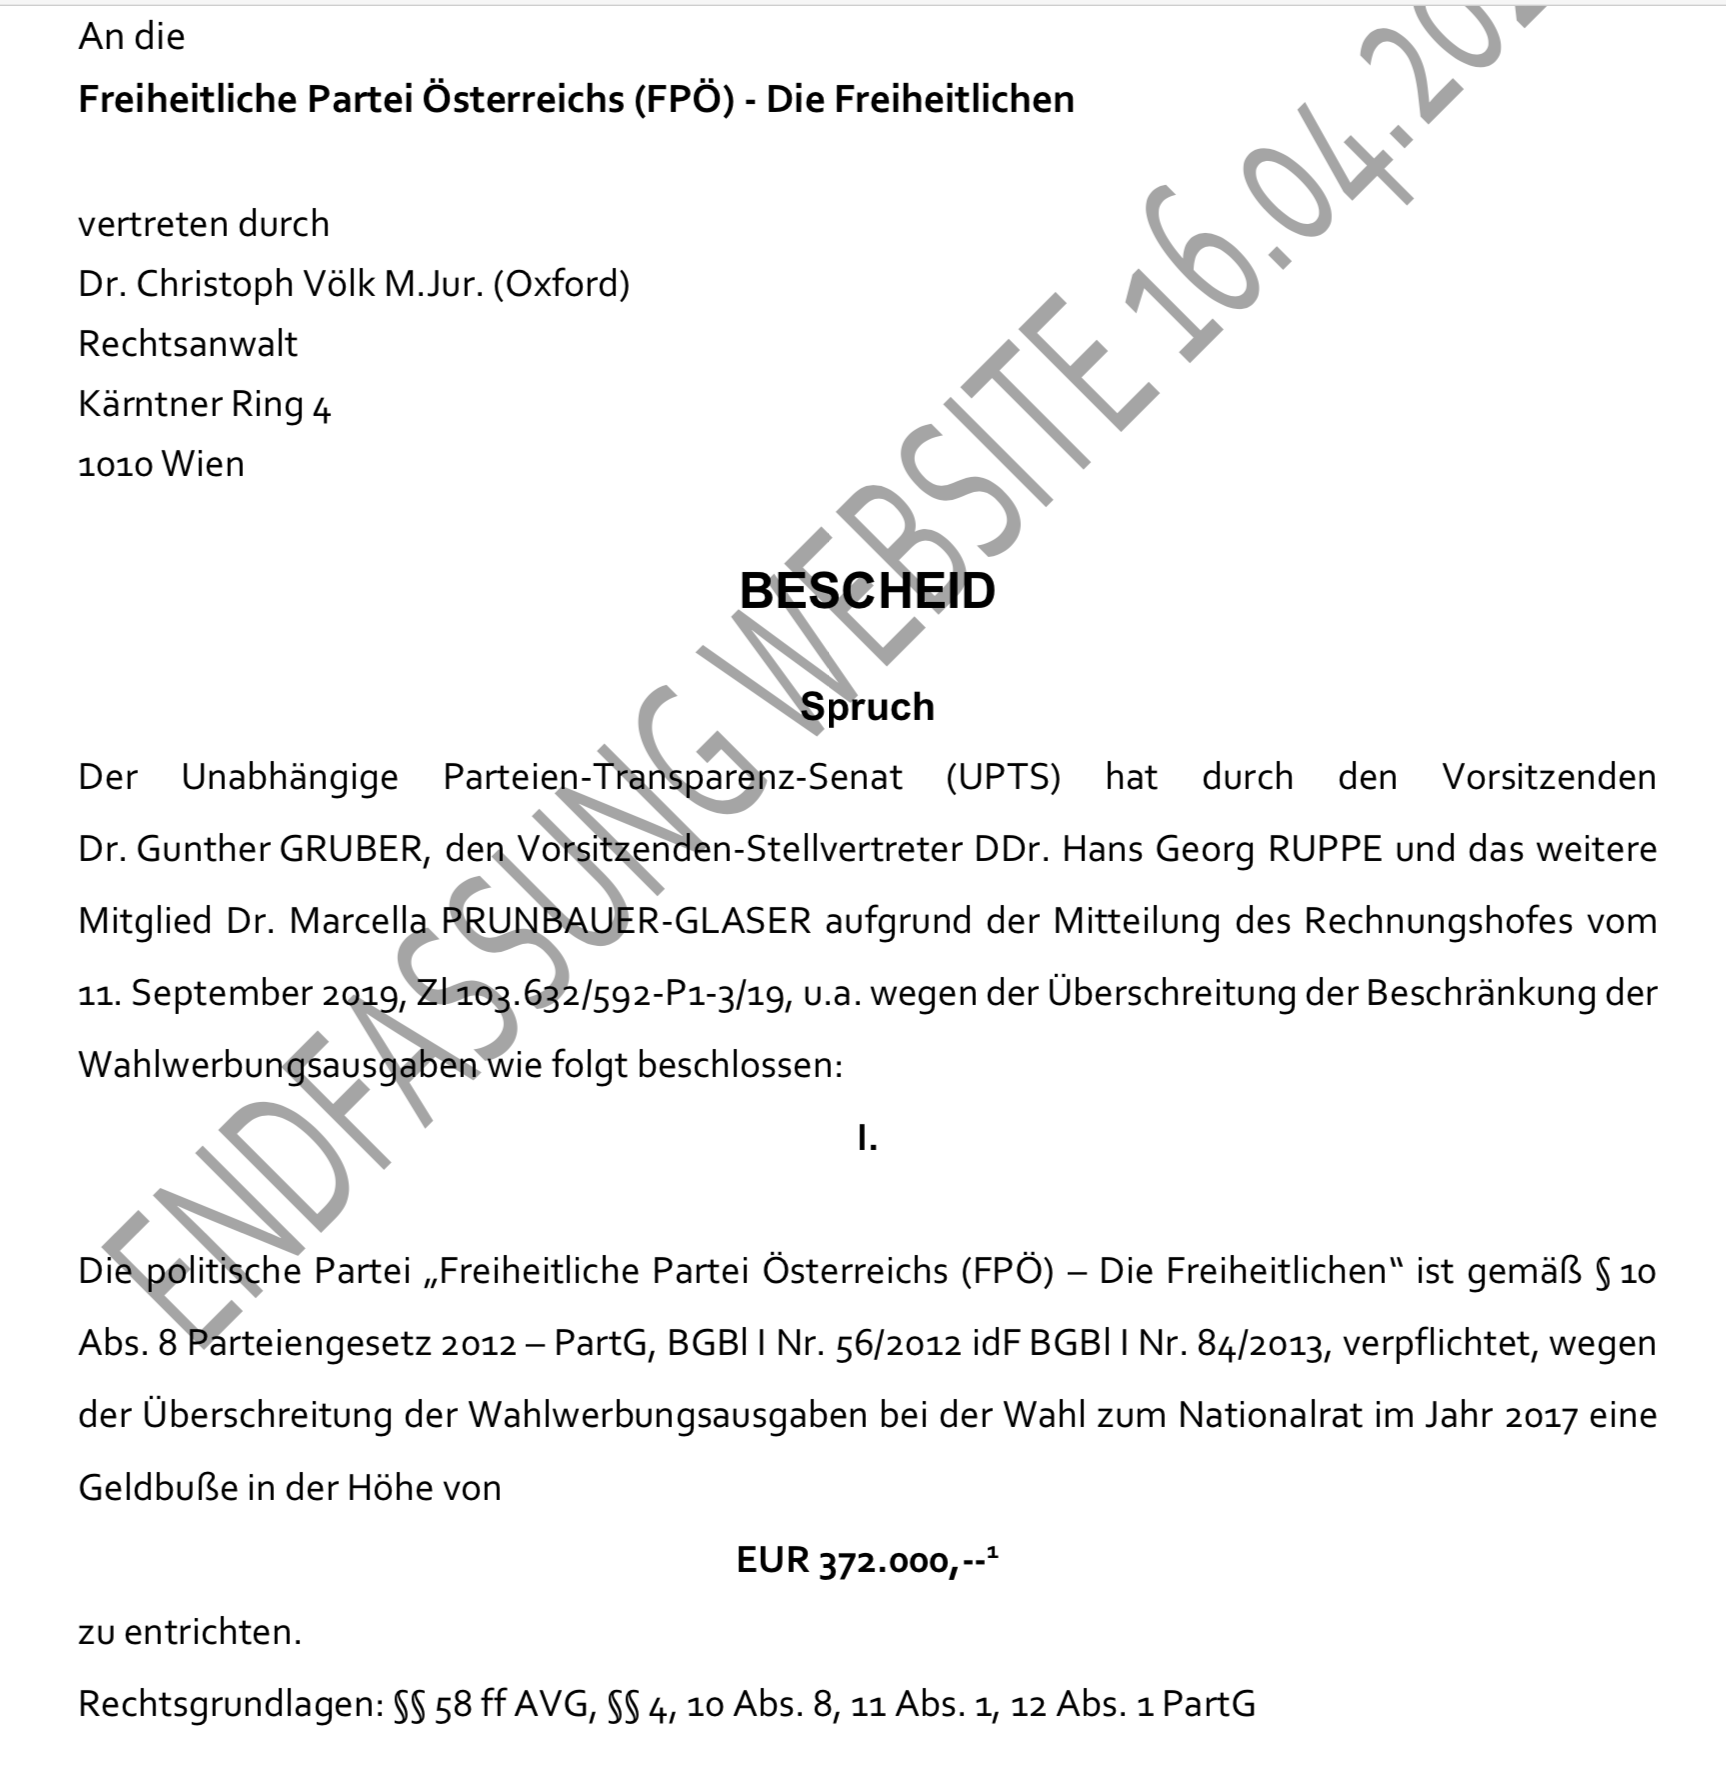 Bescheid des UPTS zur Strafzahlung der FPÖ